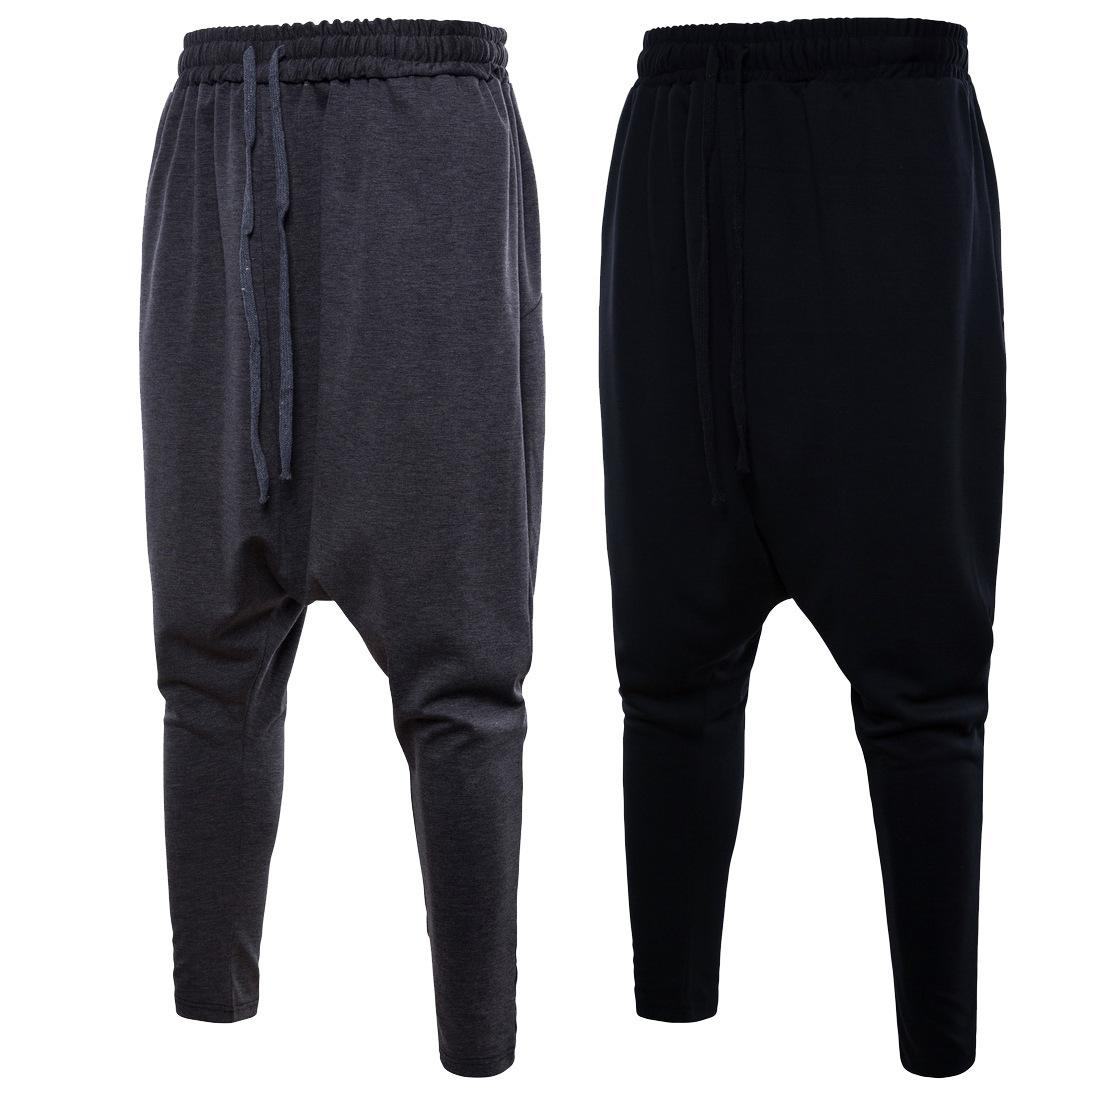 647aef13fa3 2018 Fashion Luxury Men s Cotton Linen Cross Pants Plus Size Comfortable Summer  Wide Leg Pants Brand Casual Trousers Haren Pants M-4XL 5XL Haren Pants Men  ...